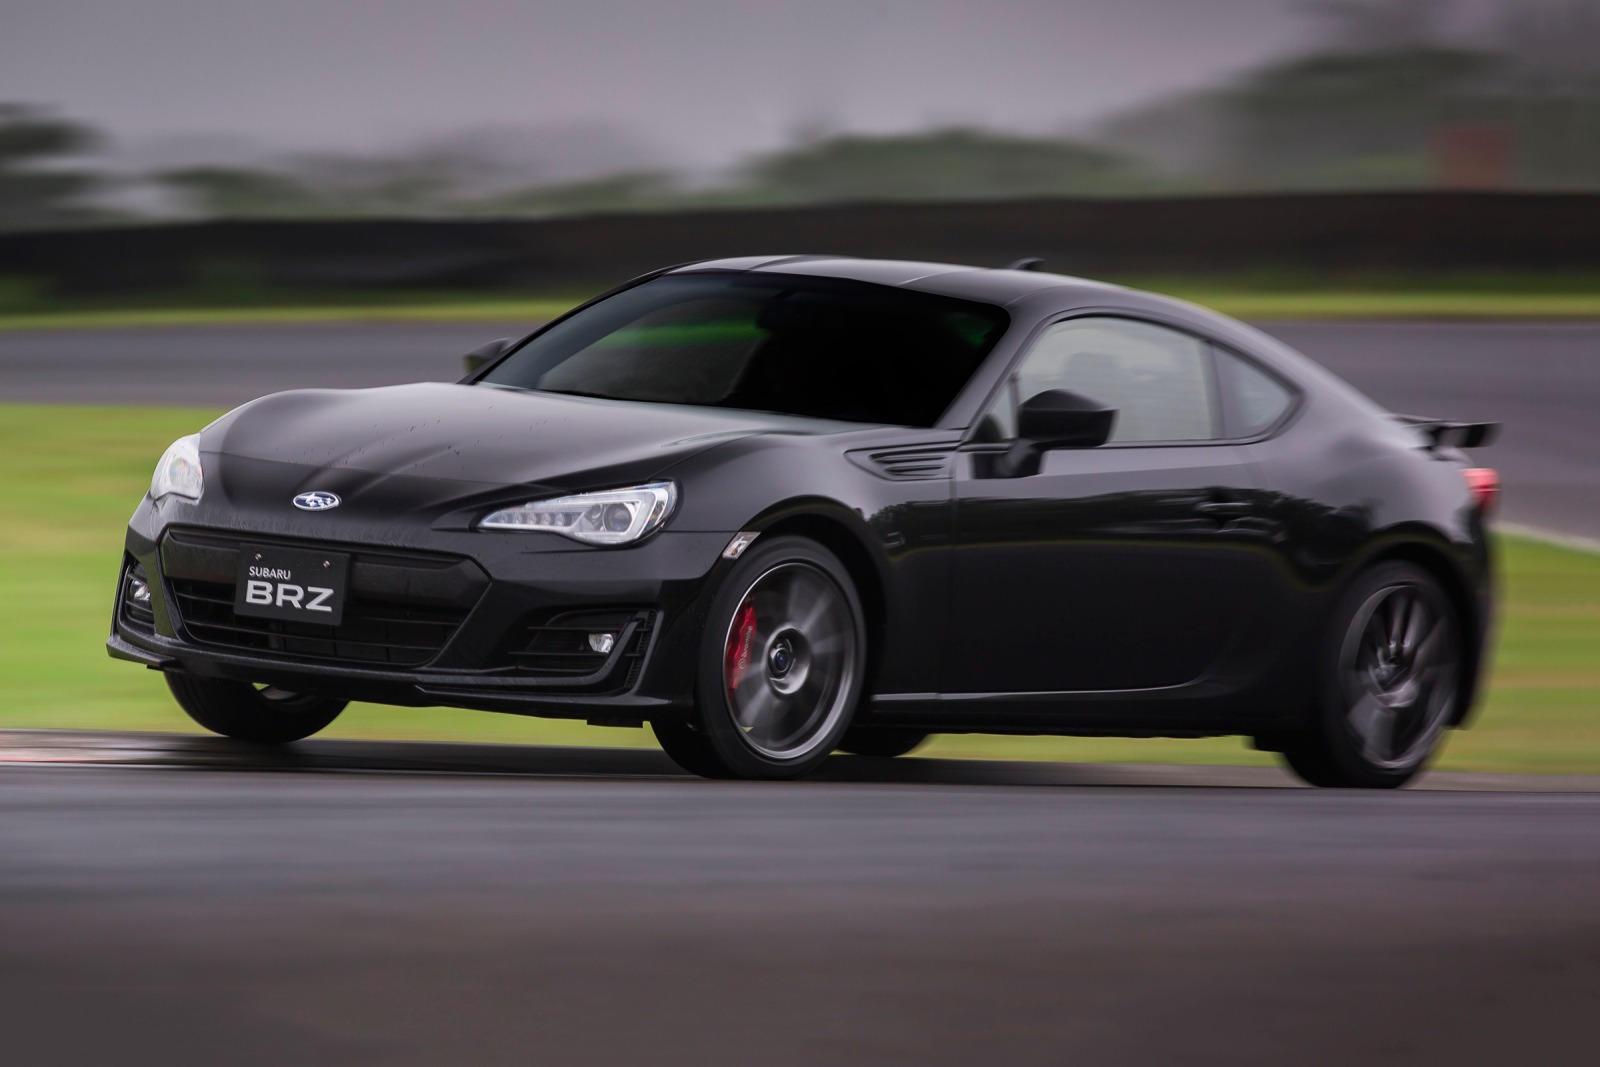 Выпуск Subaru BRZ Final Edition ограничен всего 100 экземплярами, и в нем есть несколько спортивных улучшений, включая красные тормозные суппорты, более жесткие амортизаторы Sachs и новые 17-дюймовые колеса. В стандартном варианте BRZ Final Edition с